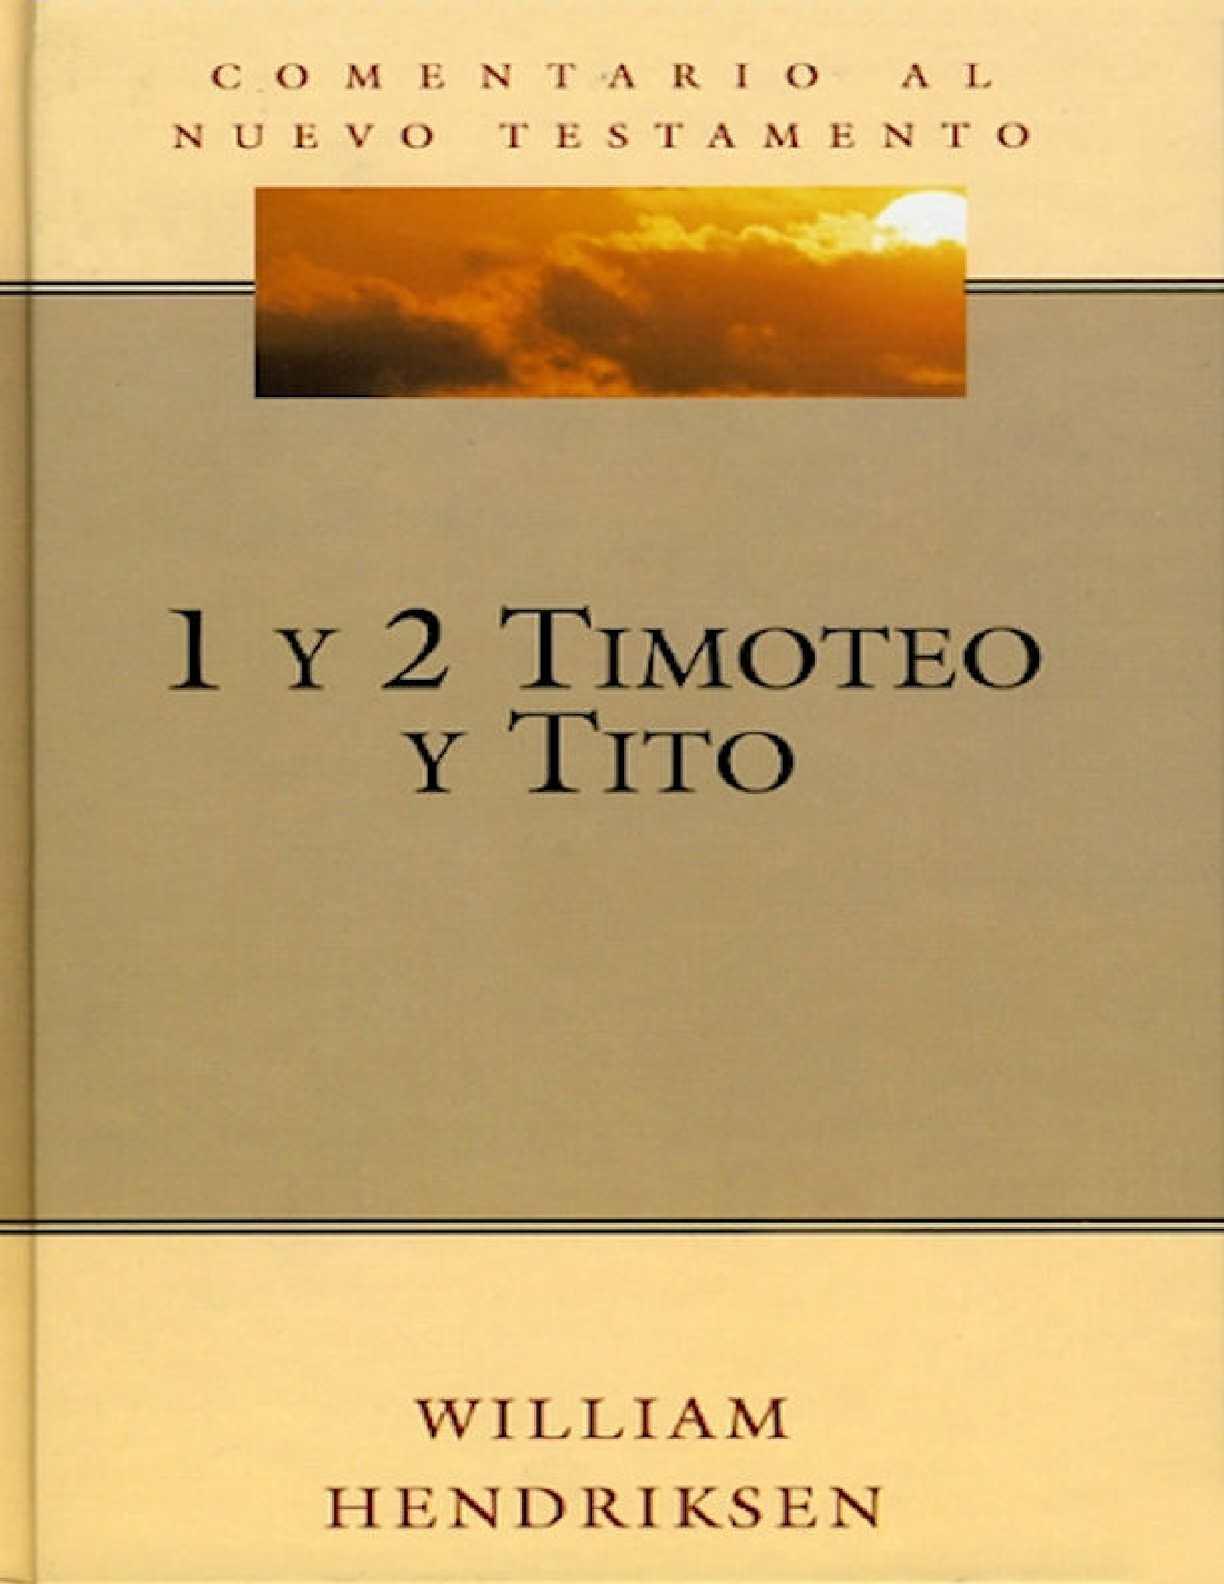 Calameo 1 2 Timoteo Y Tito 2 Comentario Al Nuevo Testamento Edi Desafio Pdf